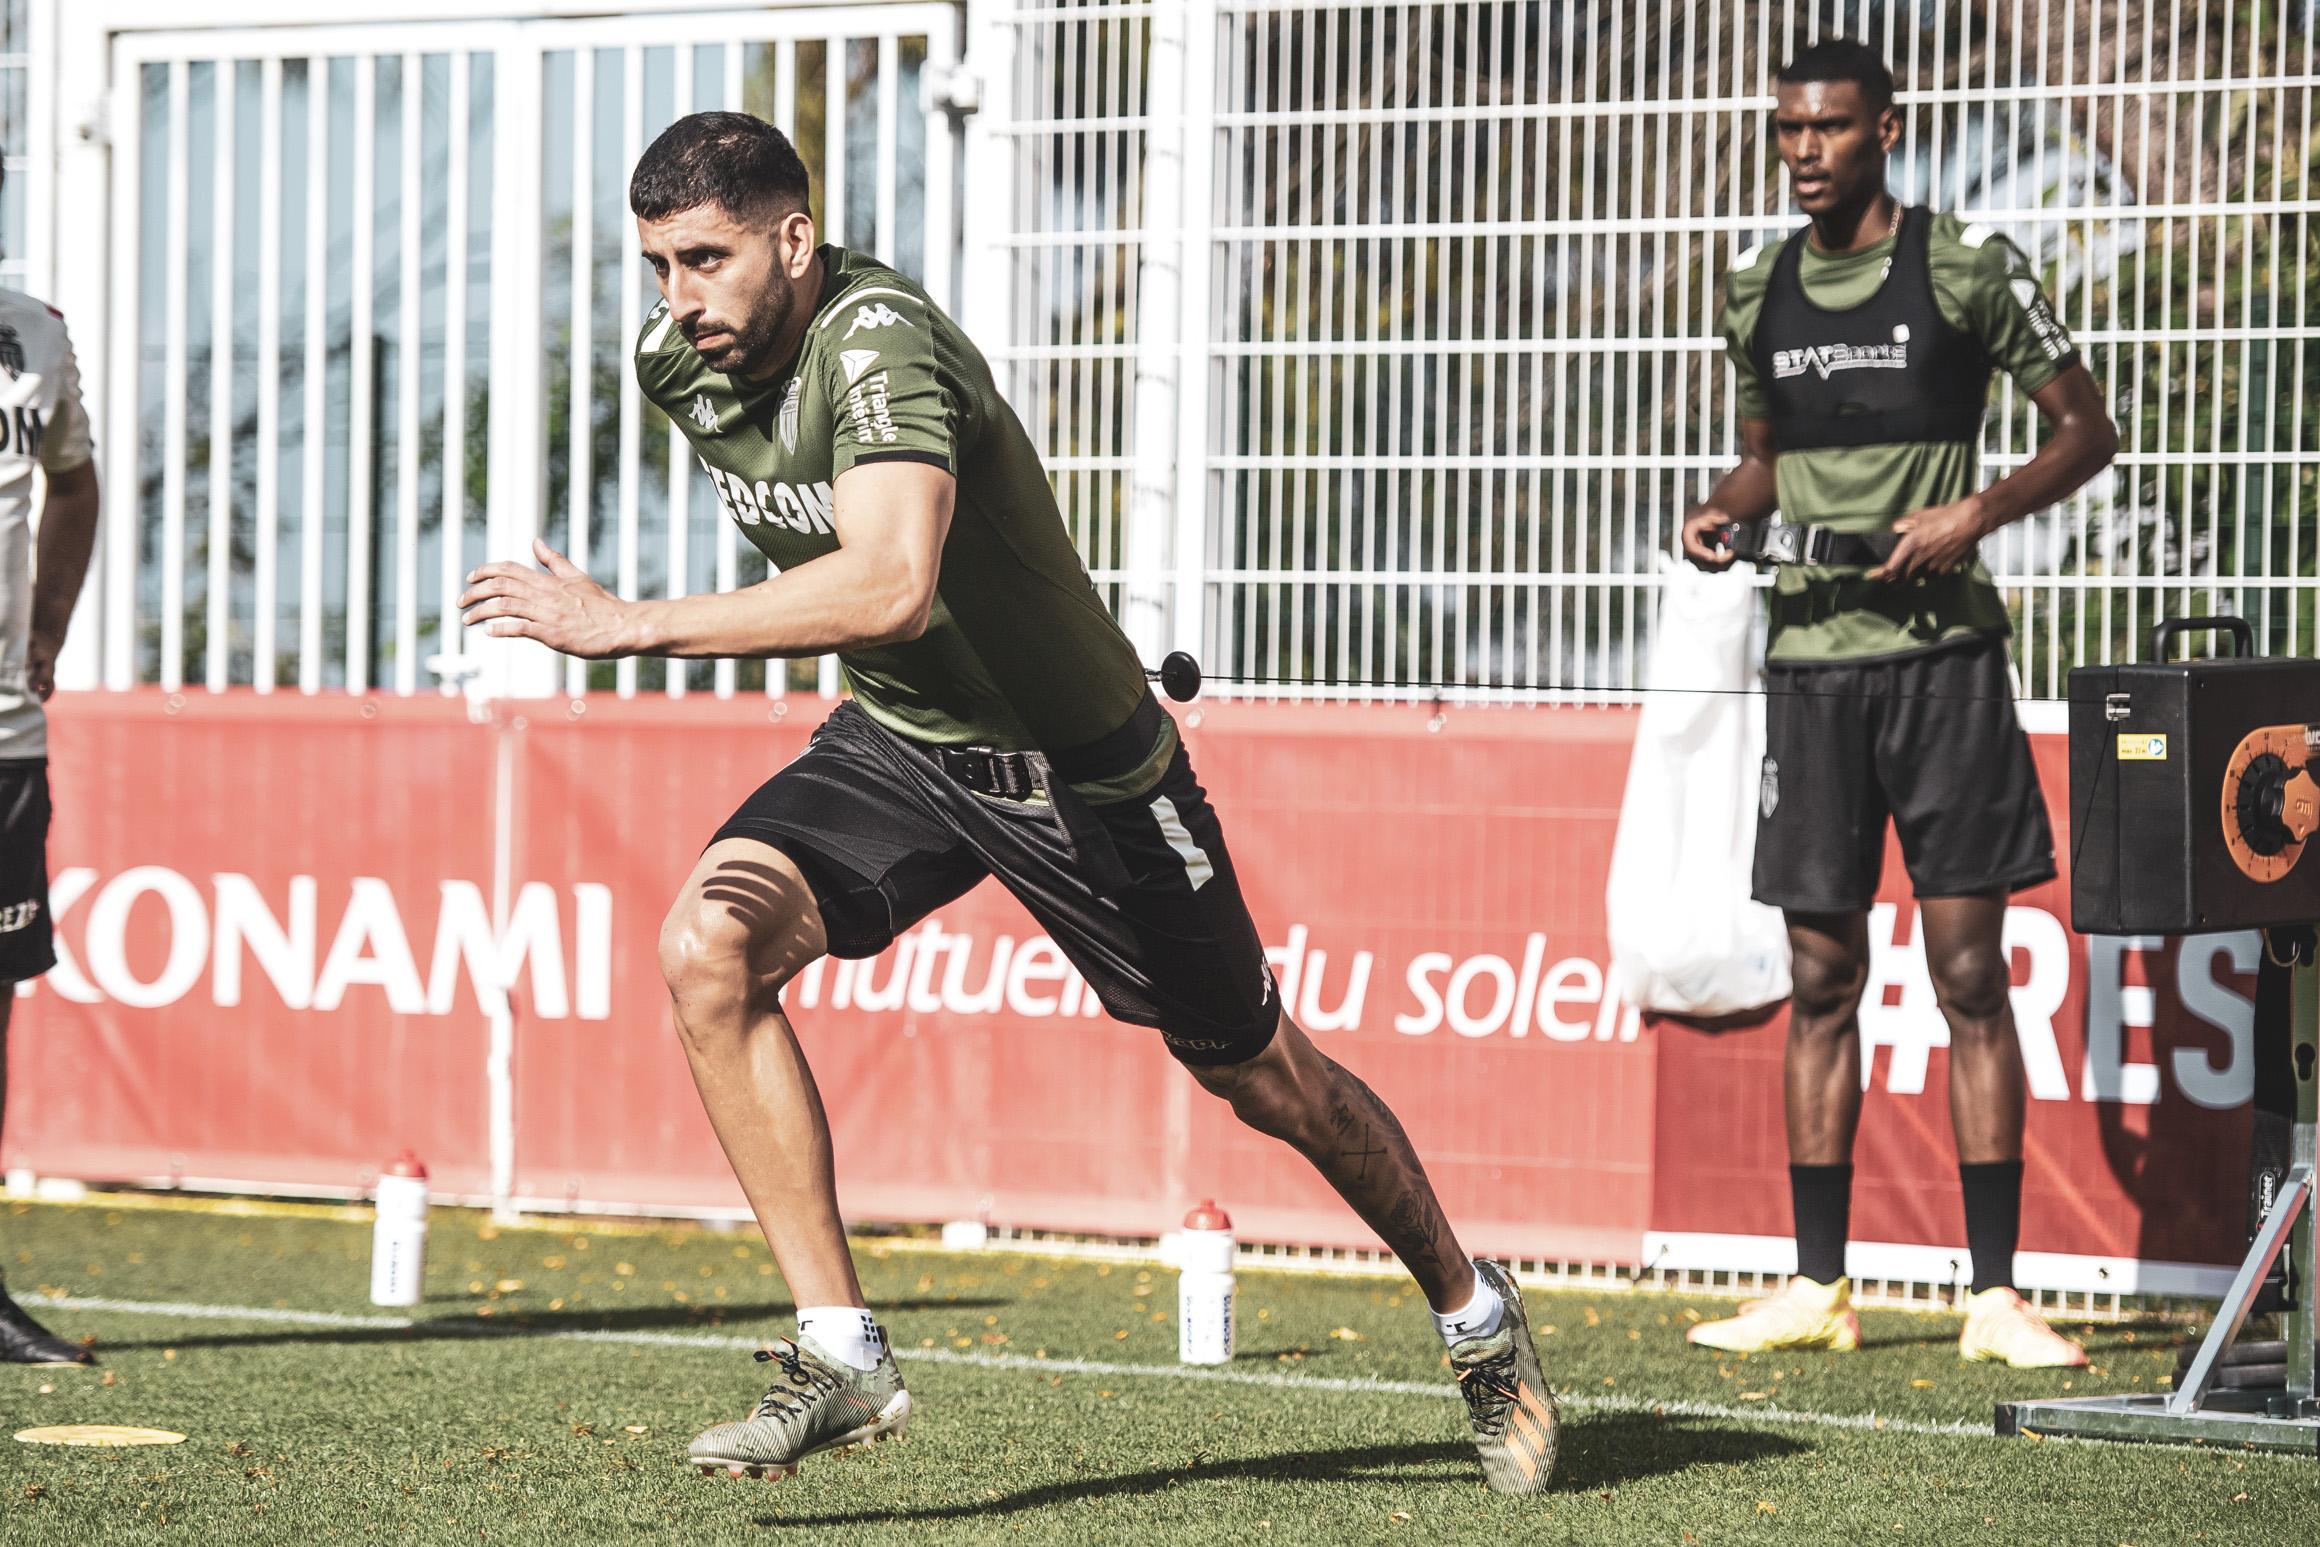 موناكو يعود للتدريبات أكثر قوة وحماس استعداد للدوري الفرنسي (2)